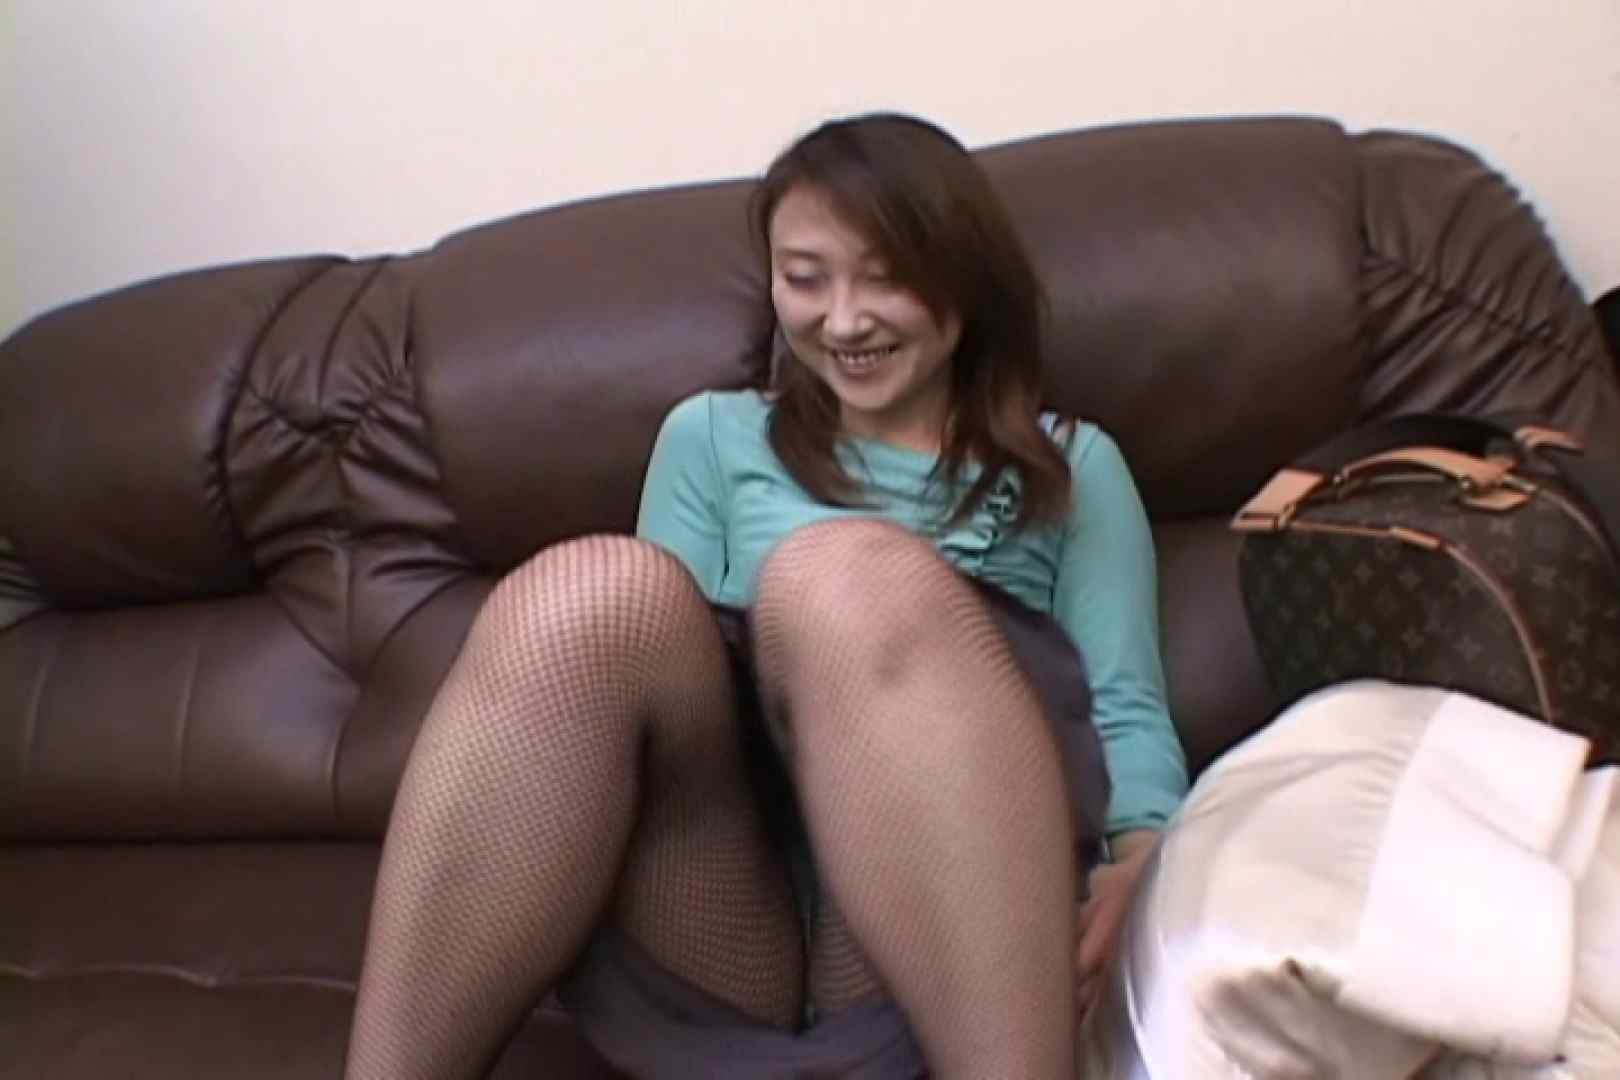 オナニー好きの綺麗なお姉さんと楽しくSEX~姫野あかね~ エッチなお姉さん  62pic 30